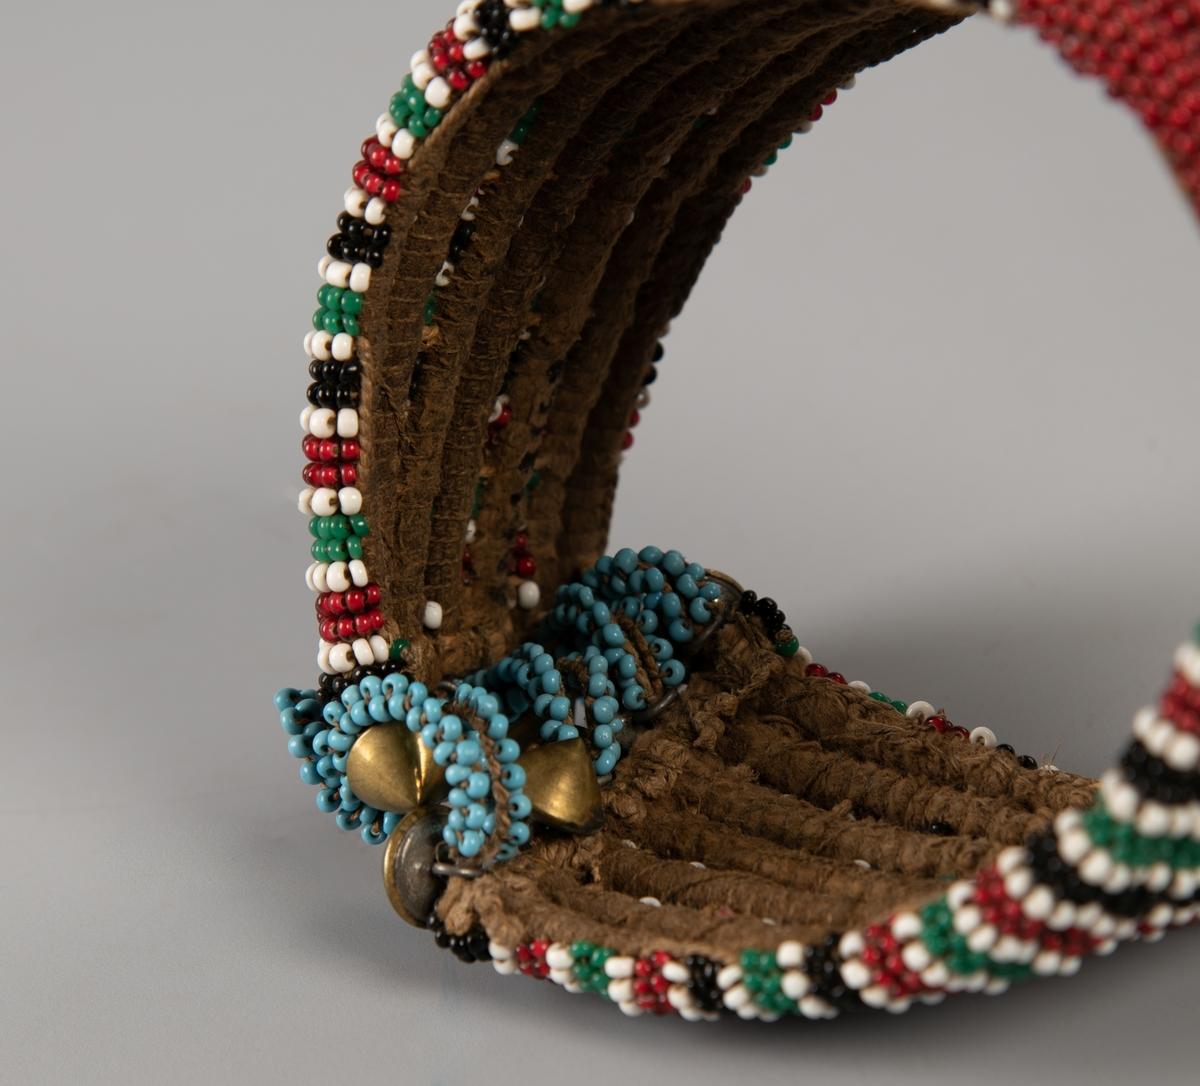 Bredt, tett perlebesatt bånd med syv perlesnorer festet på  hyssing. På midten er det et felt med bare røde perler. På hver side av dette er det vertikale striper i sort, grønt og rødt, hver stripe avgrenset av en  rad hvite  perler. I hver ende fem snurrebassformede   messing  knapper, som lukkes med lyseblå perlehemper.